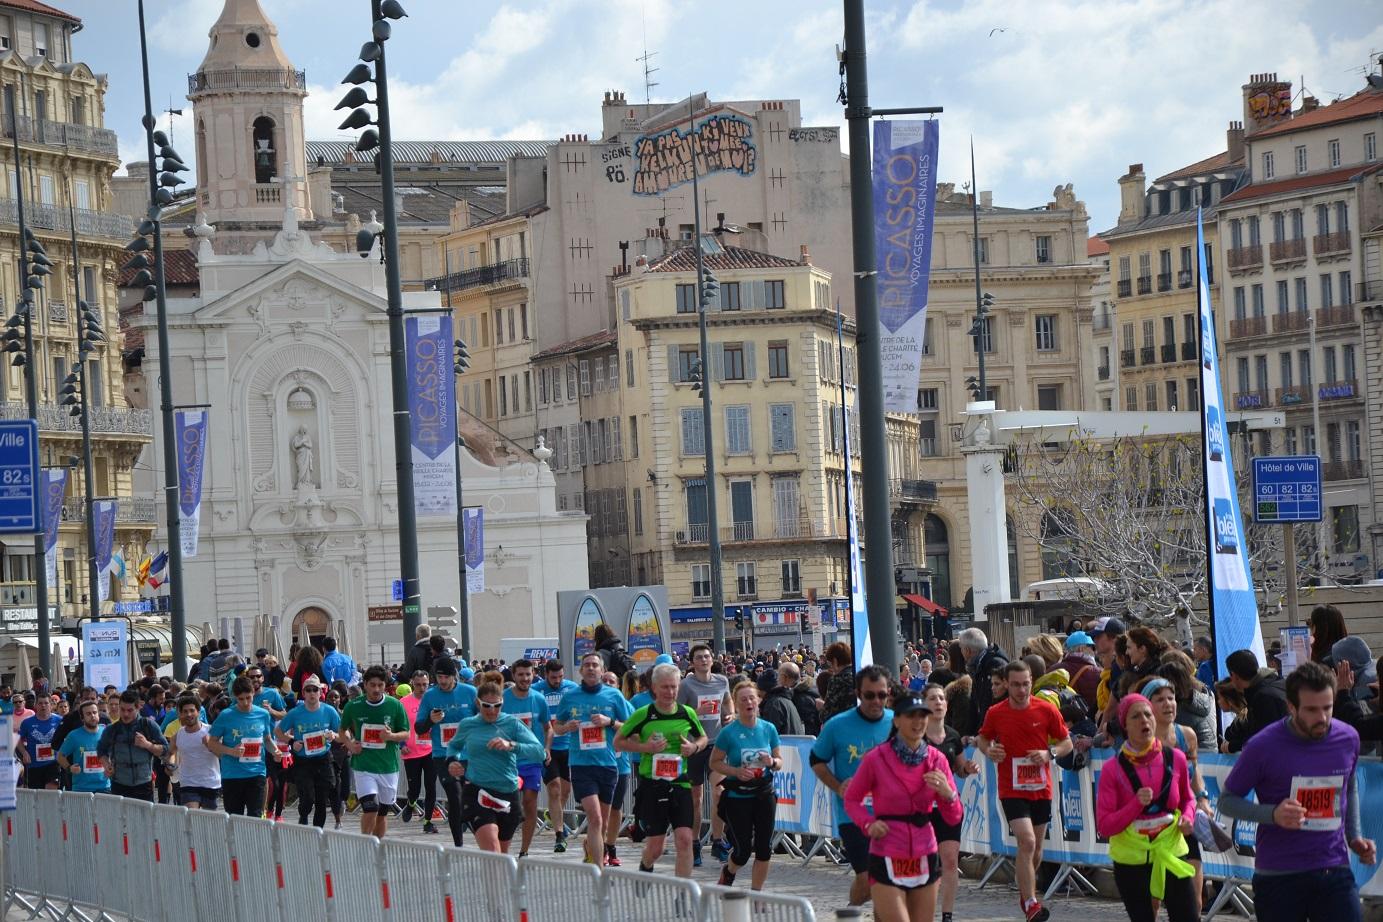 13-Et pendant qu'une grande partie des semi-marathoniens en finit, moi j'entre dans le dur..